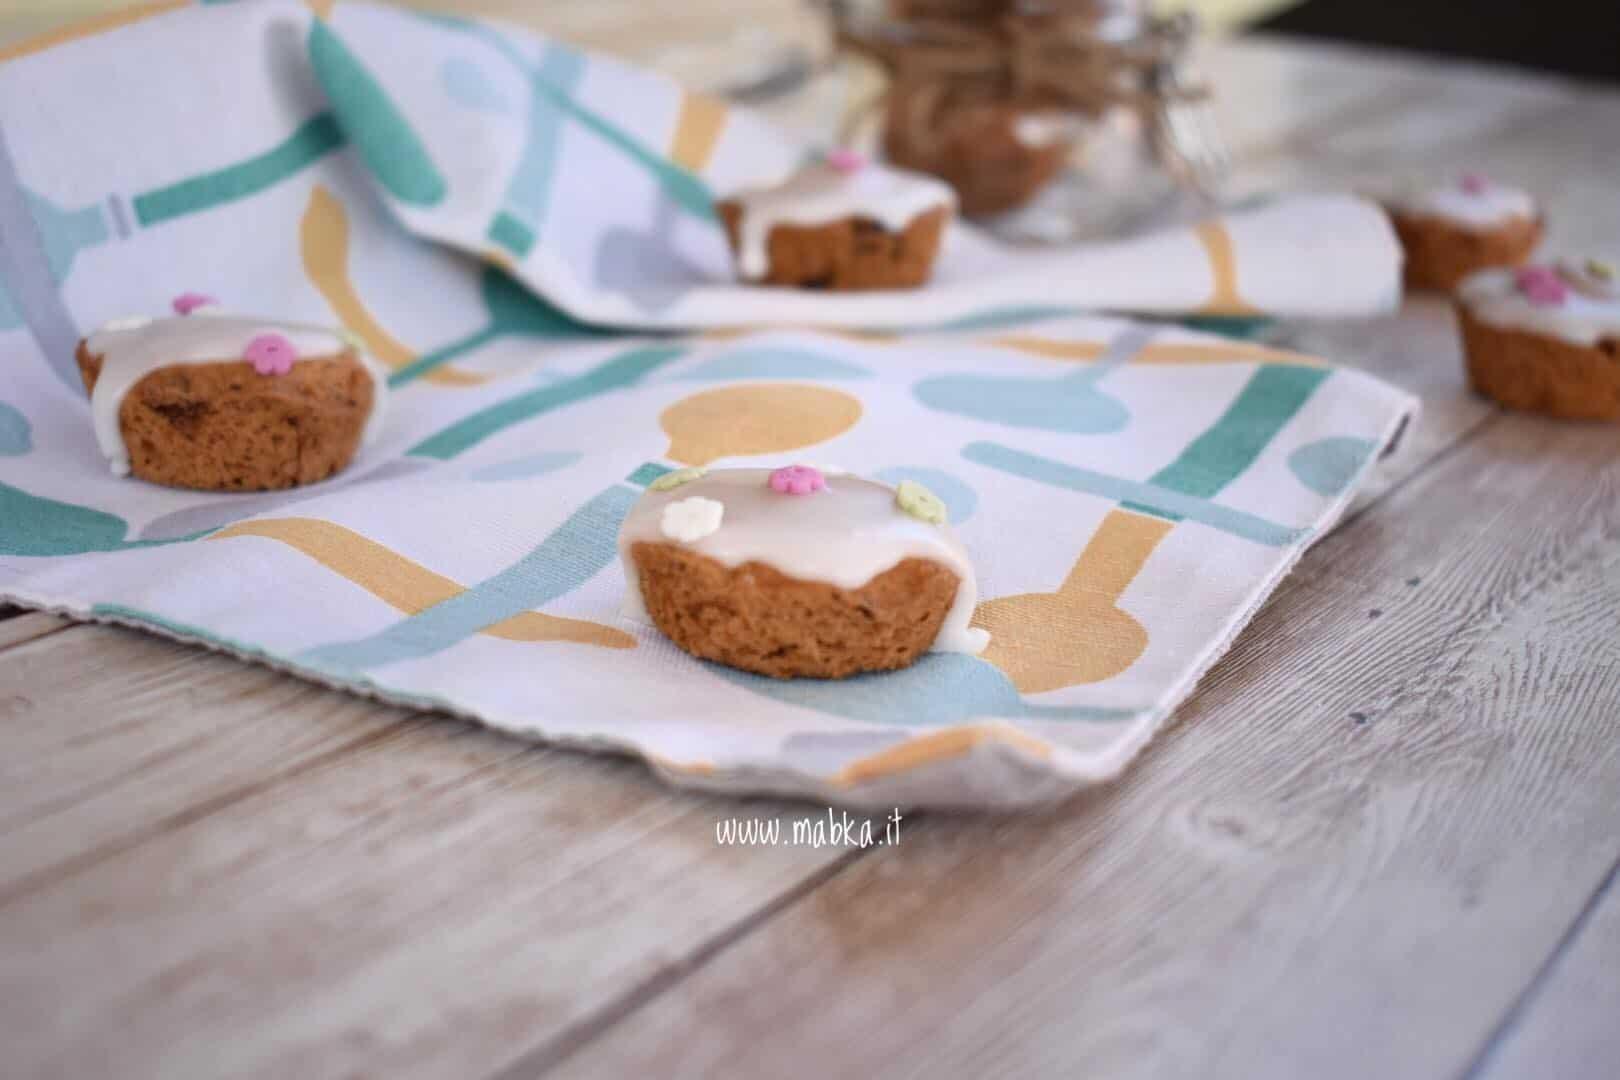 biscotti con maltitolo , senza lattosio